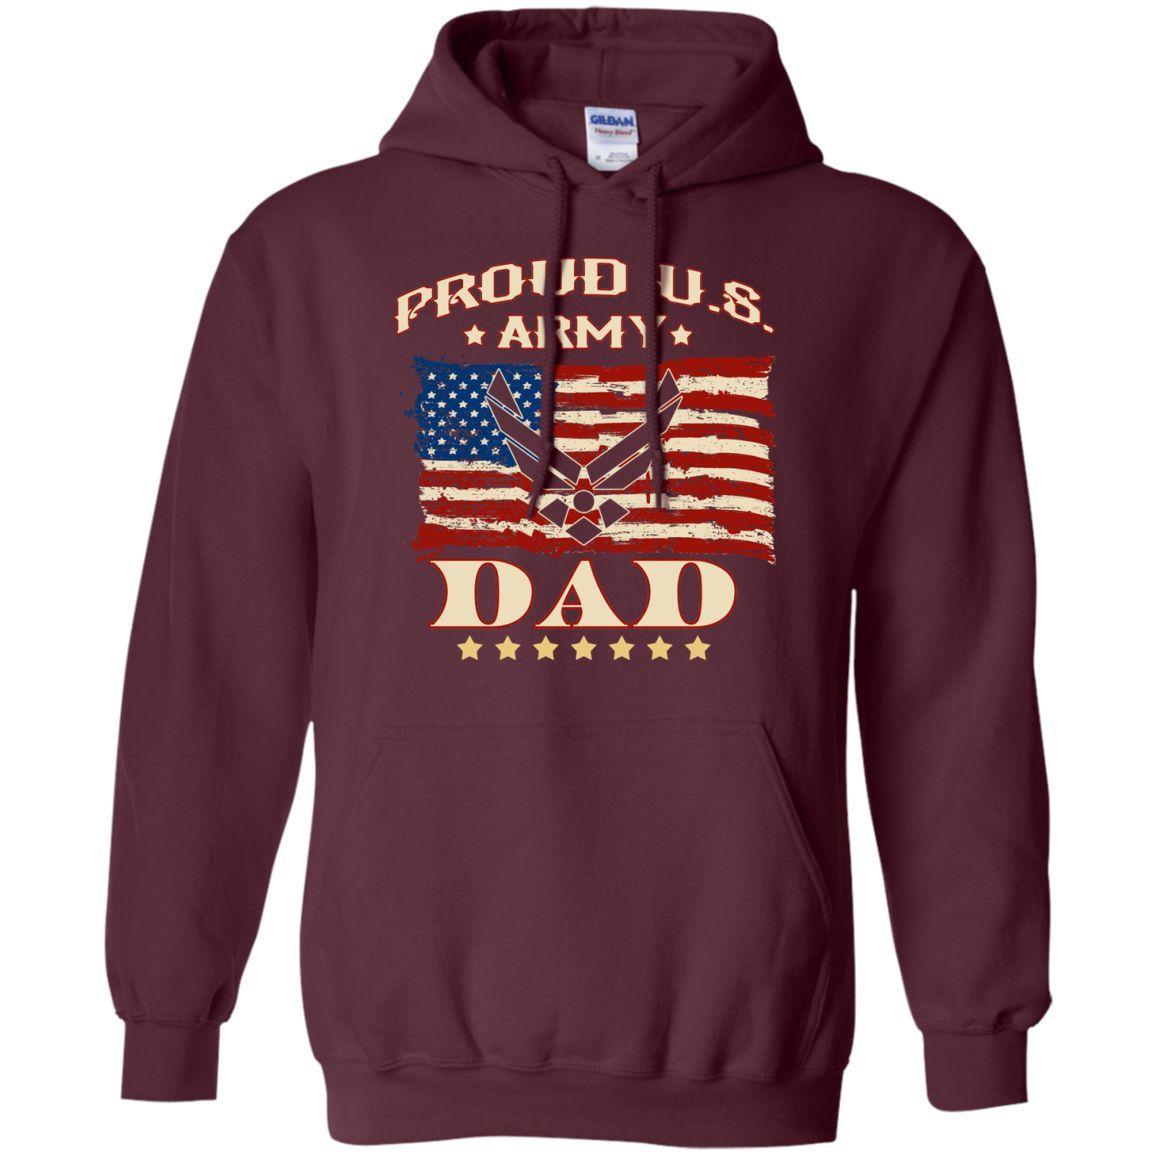 Proud U.S. Army Dad Pullover Hoodie 8 oz